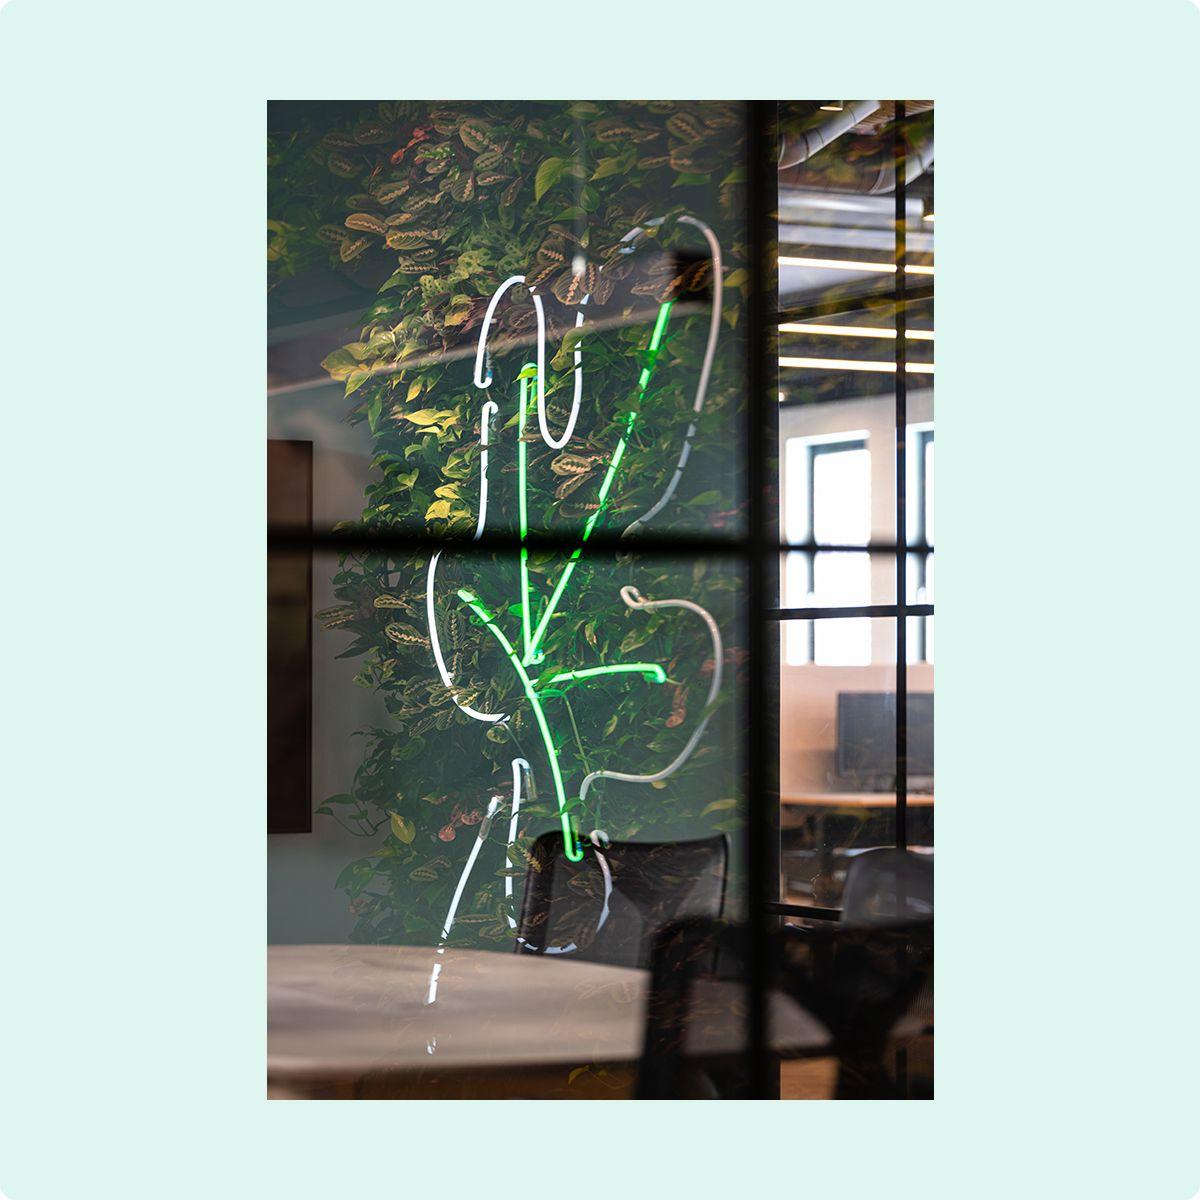 Fotografi av et neonskilt formet som et fikenblad